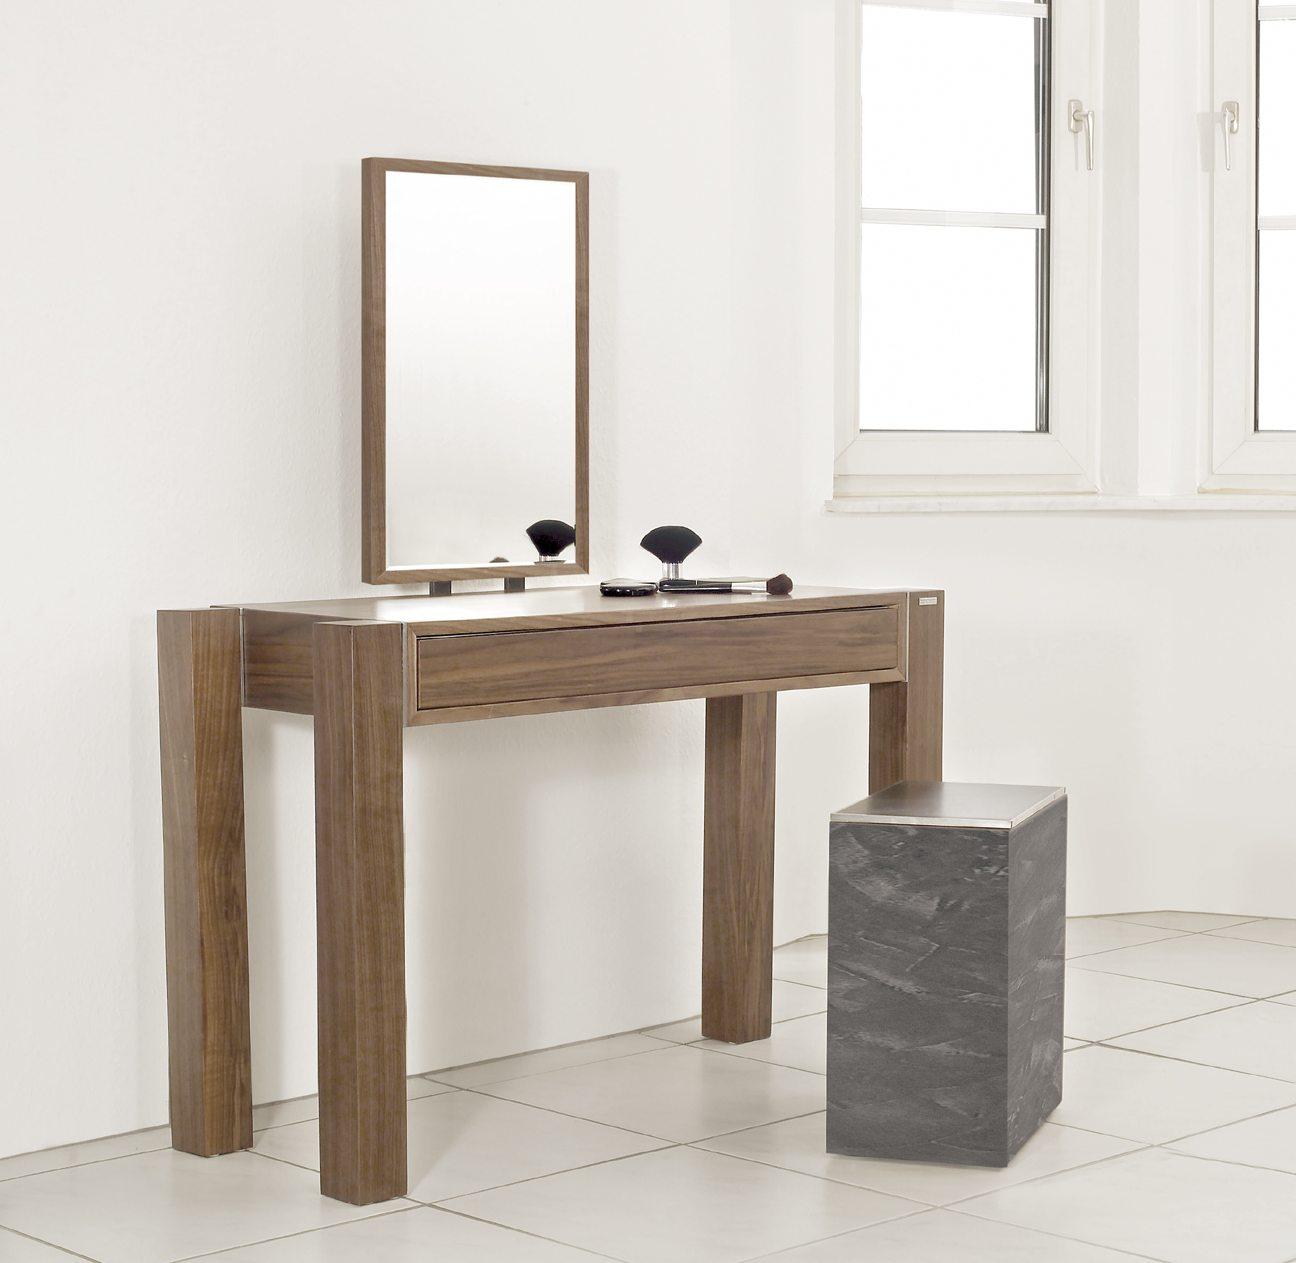 moderner und robuster schminktisch mit spiegel im holzrahmen. Black Bedroom Furniture Sets. Home Design Ideas